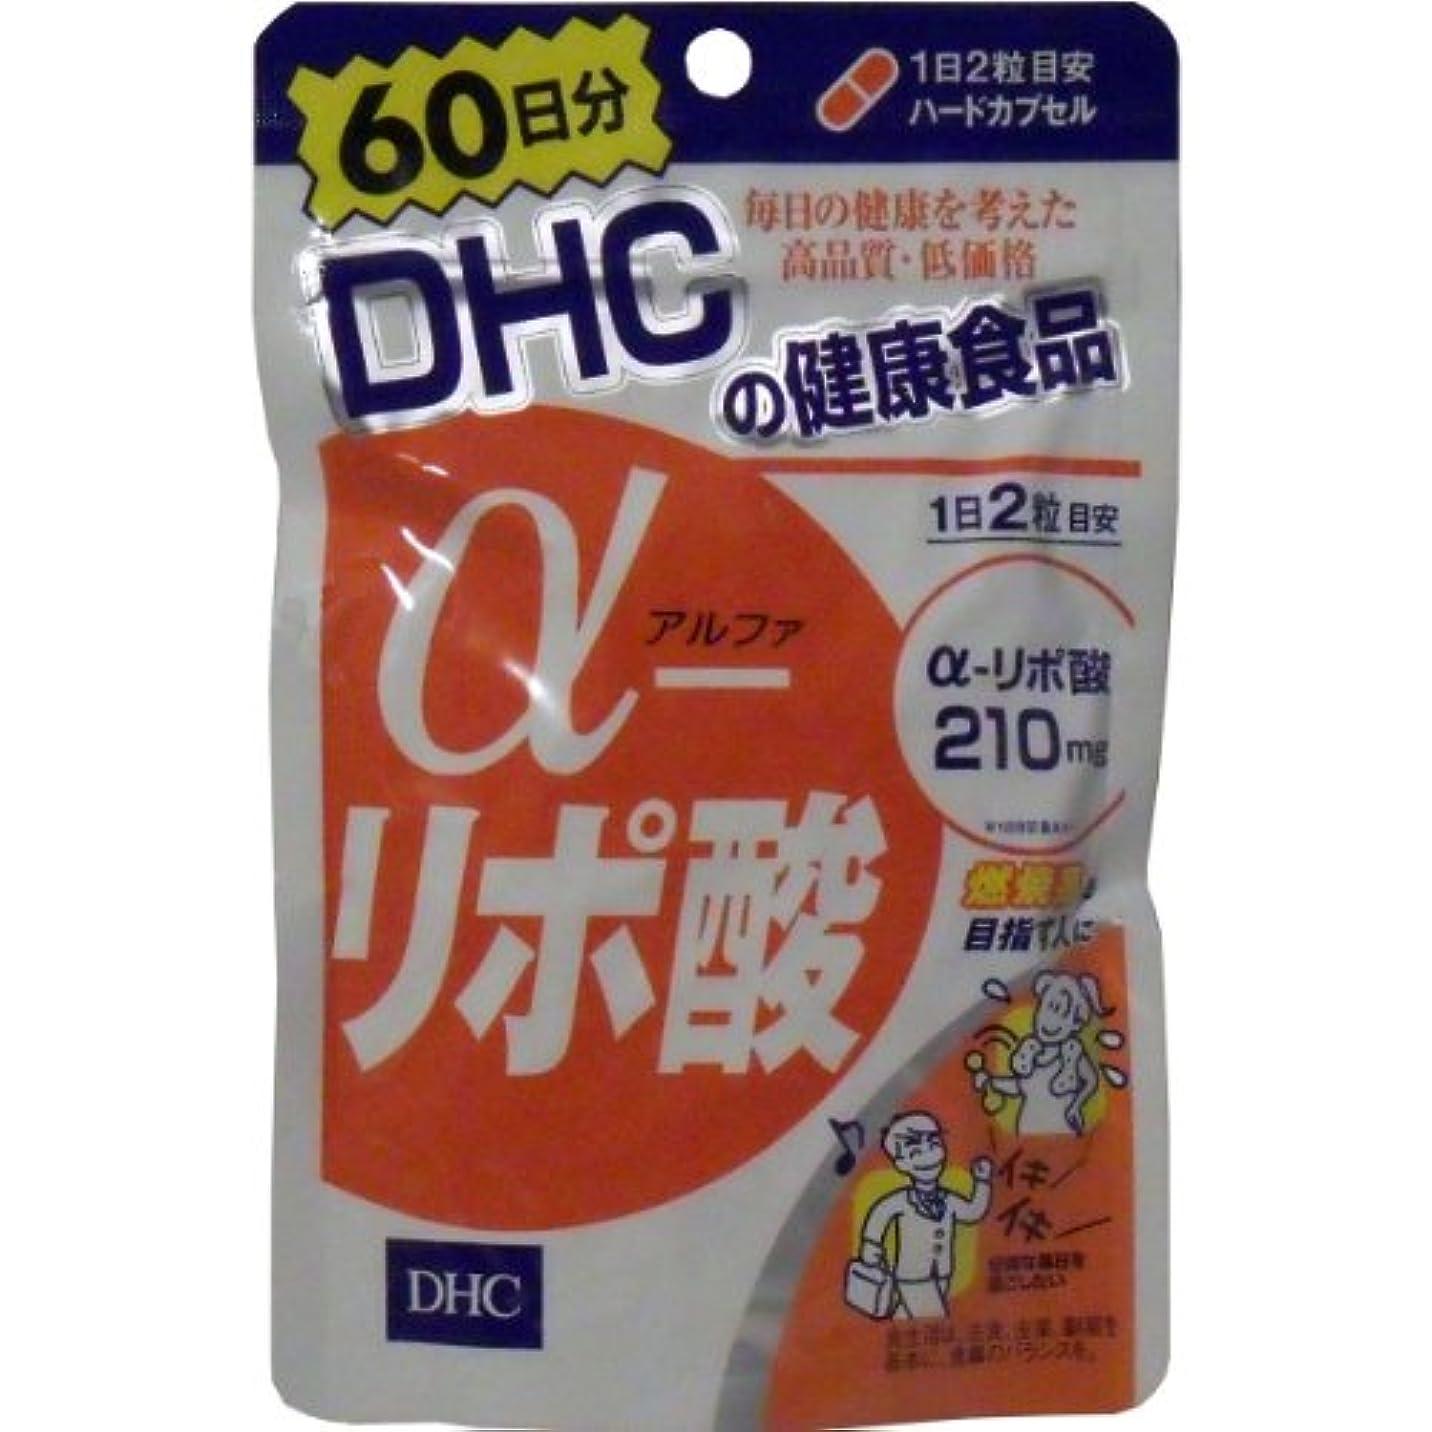 暴徒実質的チューブα-リポ酸は、もともと体内にあるエネルギー活性成分。サプリメントでの効率的な補給がおすすめ!DHC120粒 60日分 【3個セット】